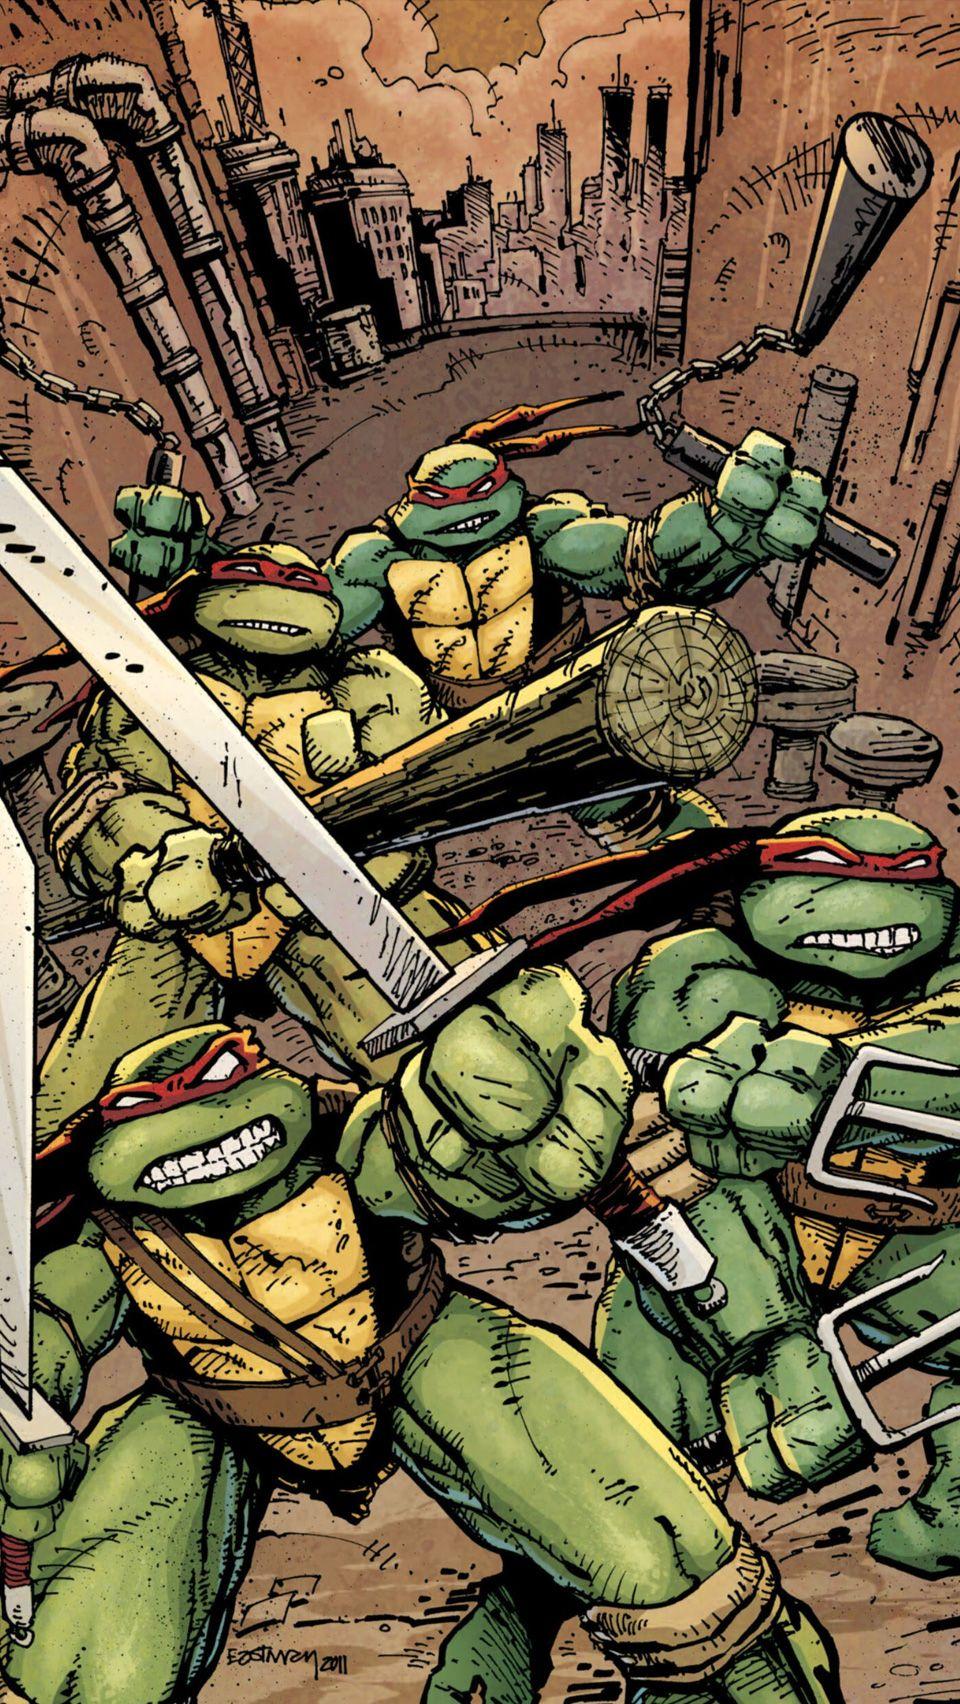 Teenage Mutant Ninja Turtles Raphael X Wallpaper High Teenage Mutant Ninja Turtles Art Ninja Teenage Mutant Ninja